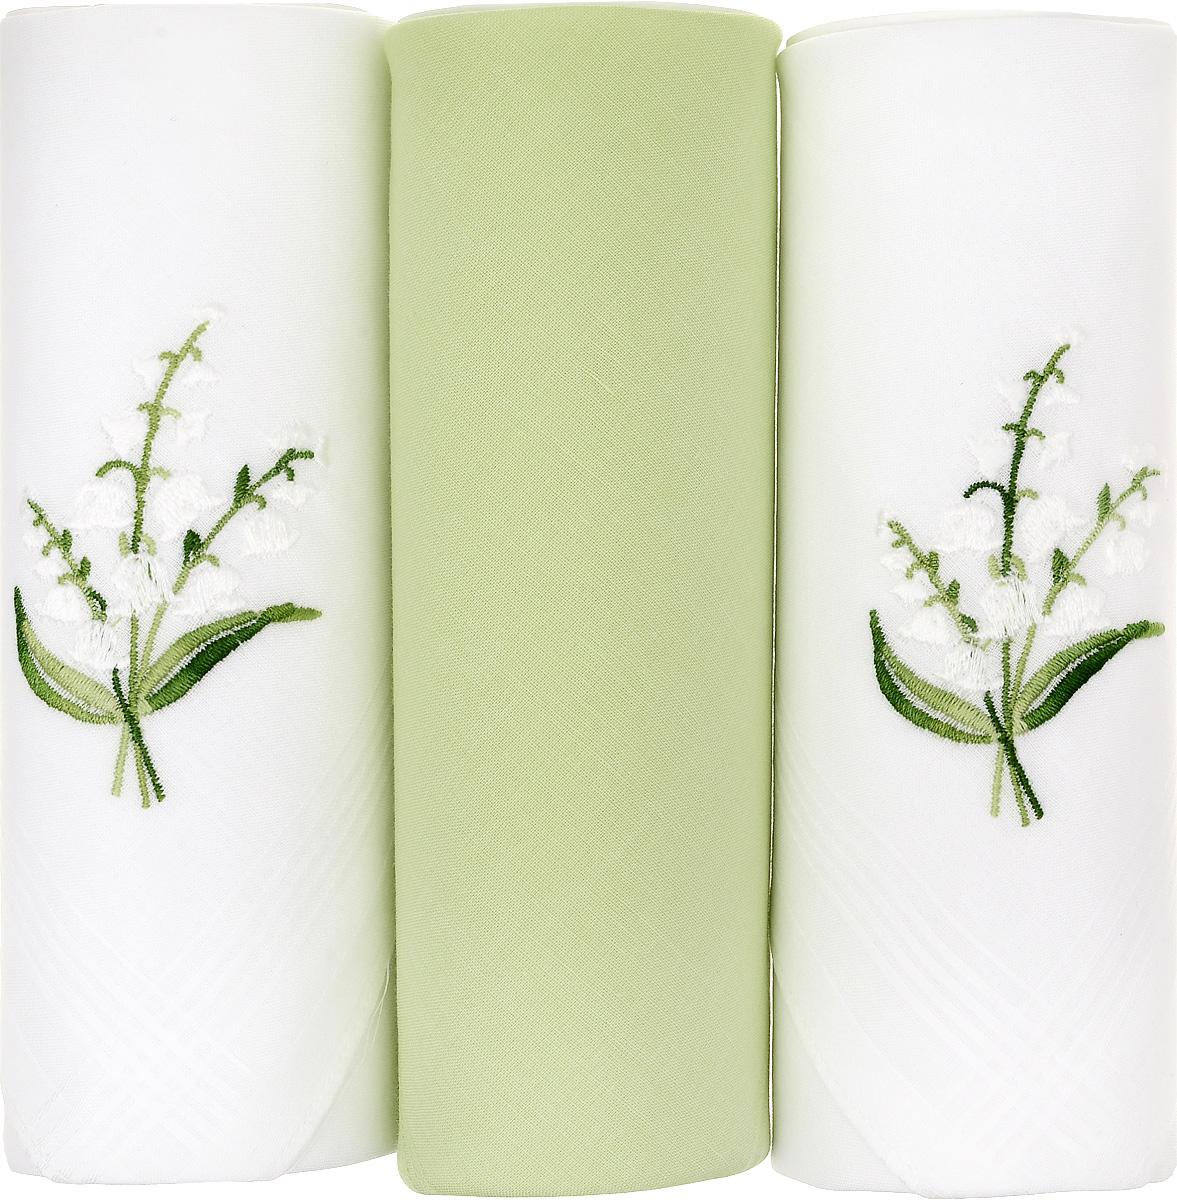 Платок носовой женский Zlata Korunka, цвет: белый, салатовый, 3 шт. 25605-12. Размер 30 см х 30 смСерьги с подвескамиНебольшой женский носовой платок Zlata Korunka изготовлен из высококачественного натурального хлопка, благодаря чему приятен в использовании, хорошо стирается, не садится и отлично впитывает влагу. Практичный и изящный носовой платок будет незаменим в повседневной жизни любого современного человека. Такой платок послужит стильным аксессуаром и подчеркнет ваше превосходное чувство вкуса.В комплекте 3 платка.